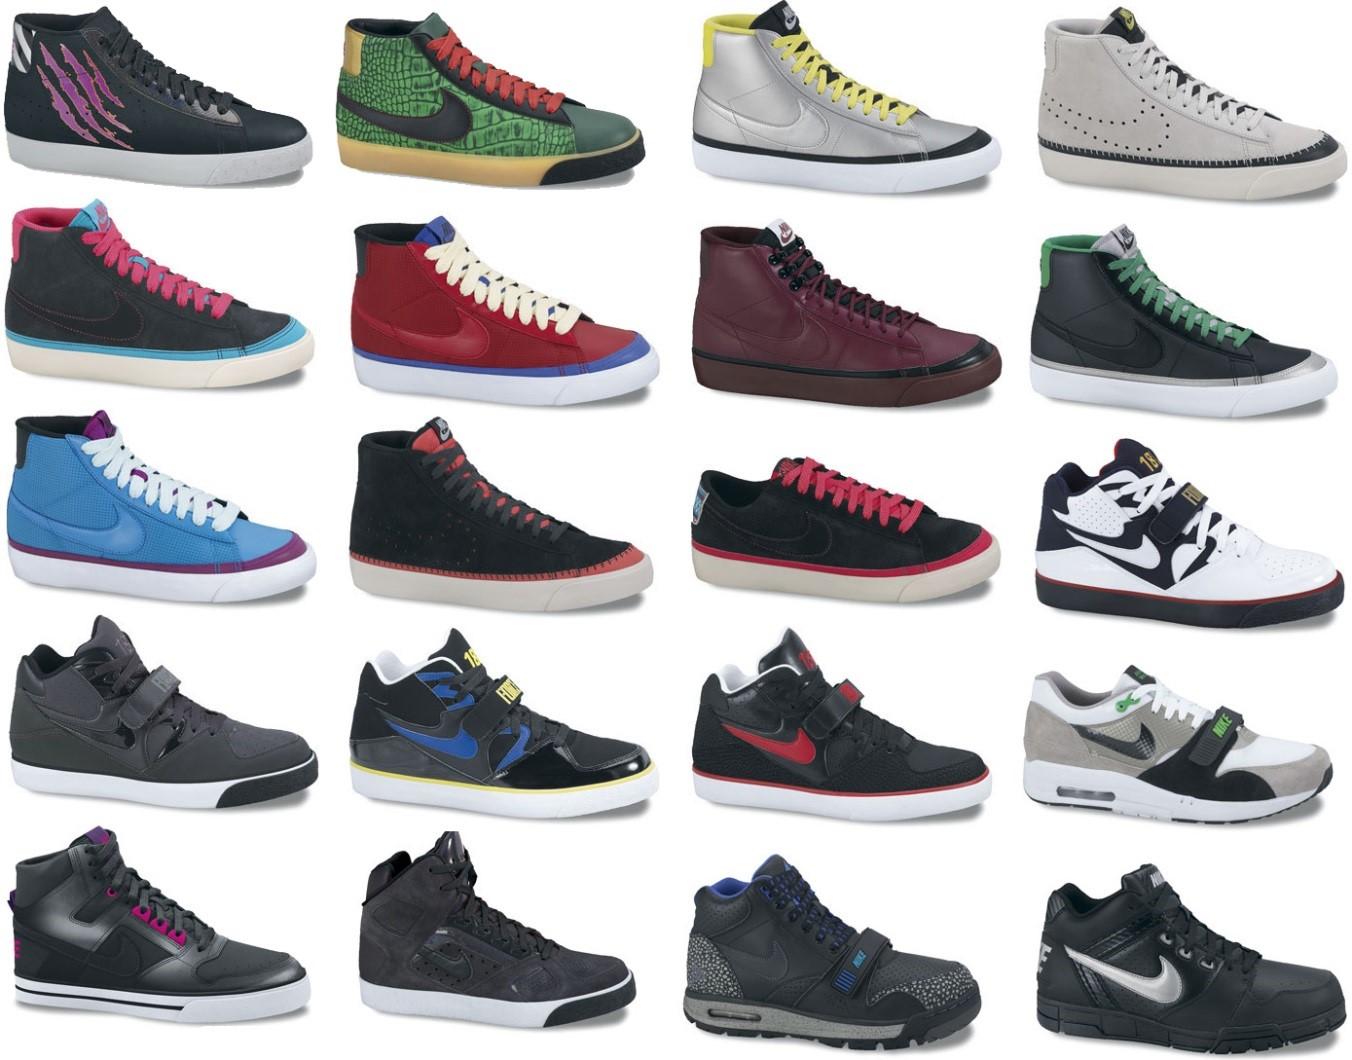 c41dae01c28 Los mejores catálogos de zapatos